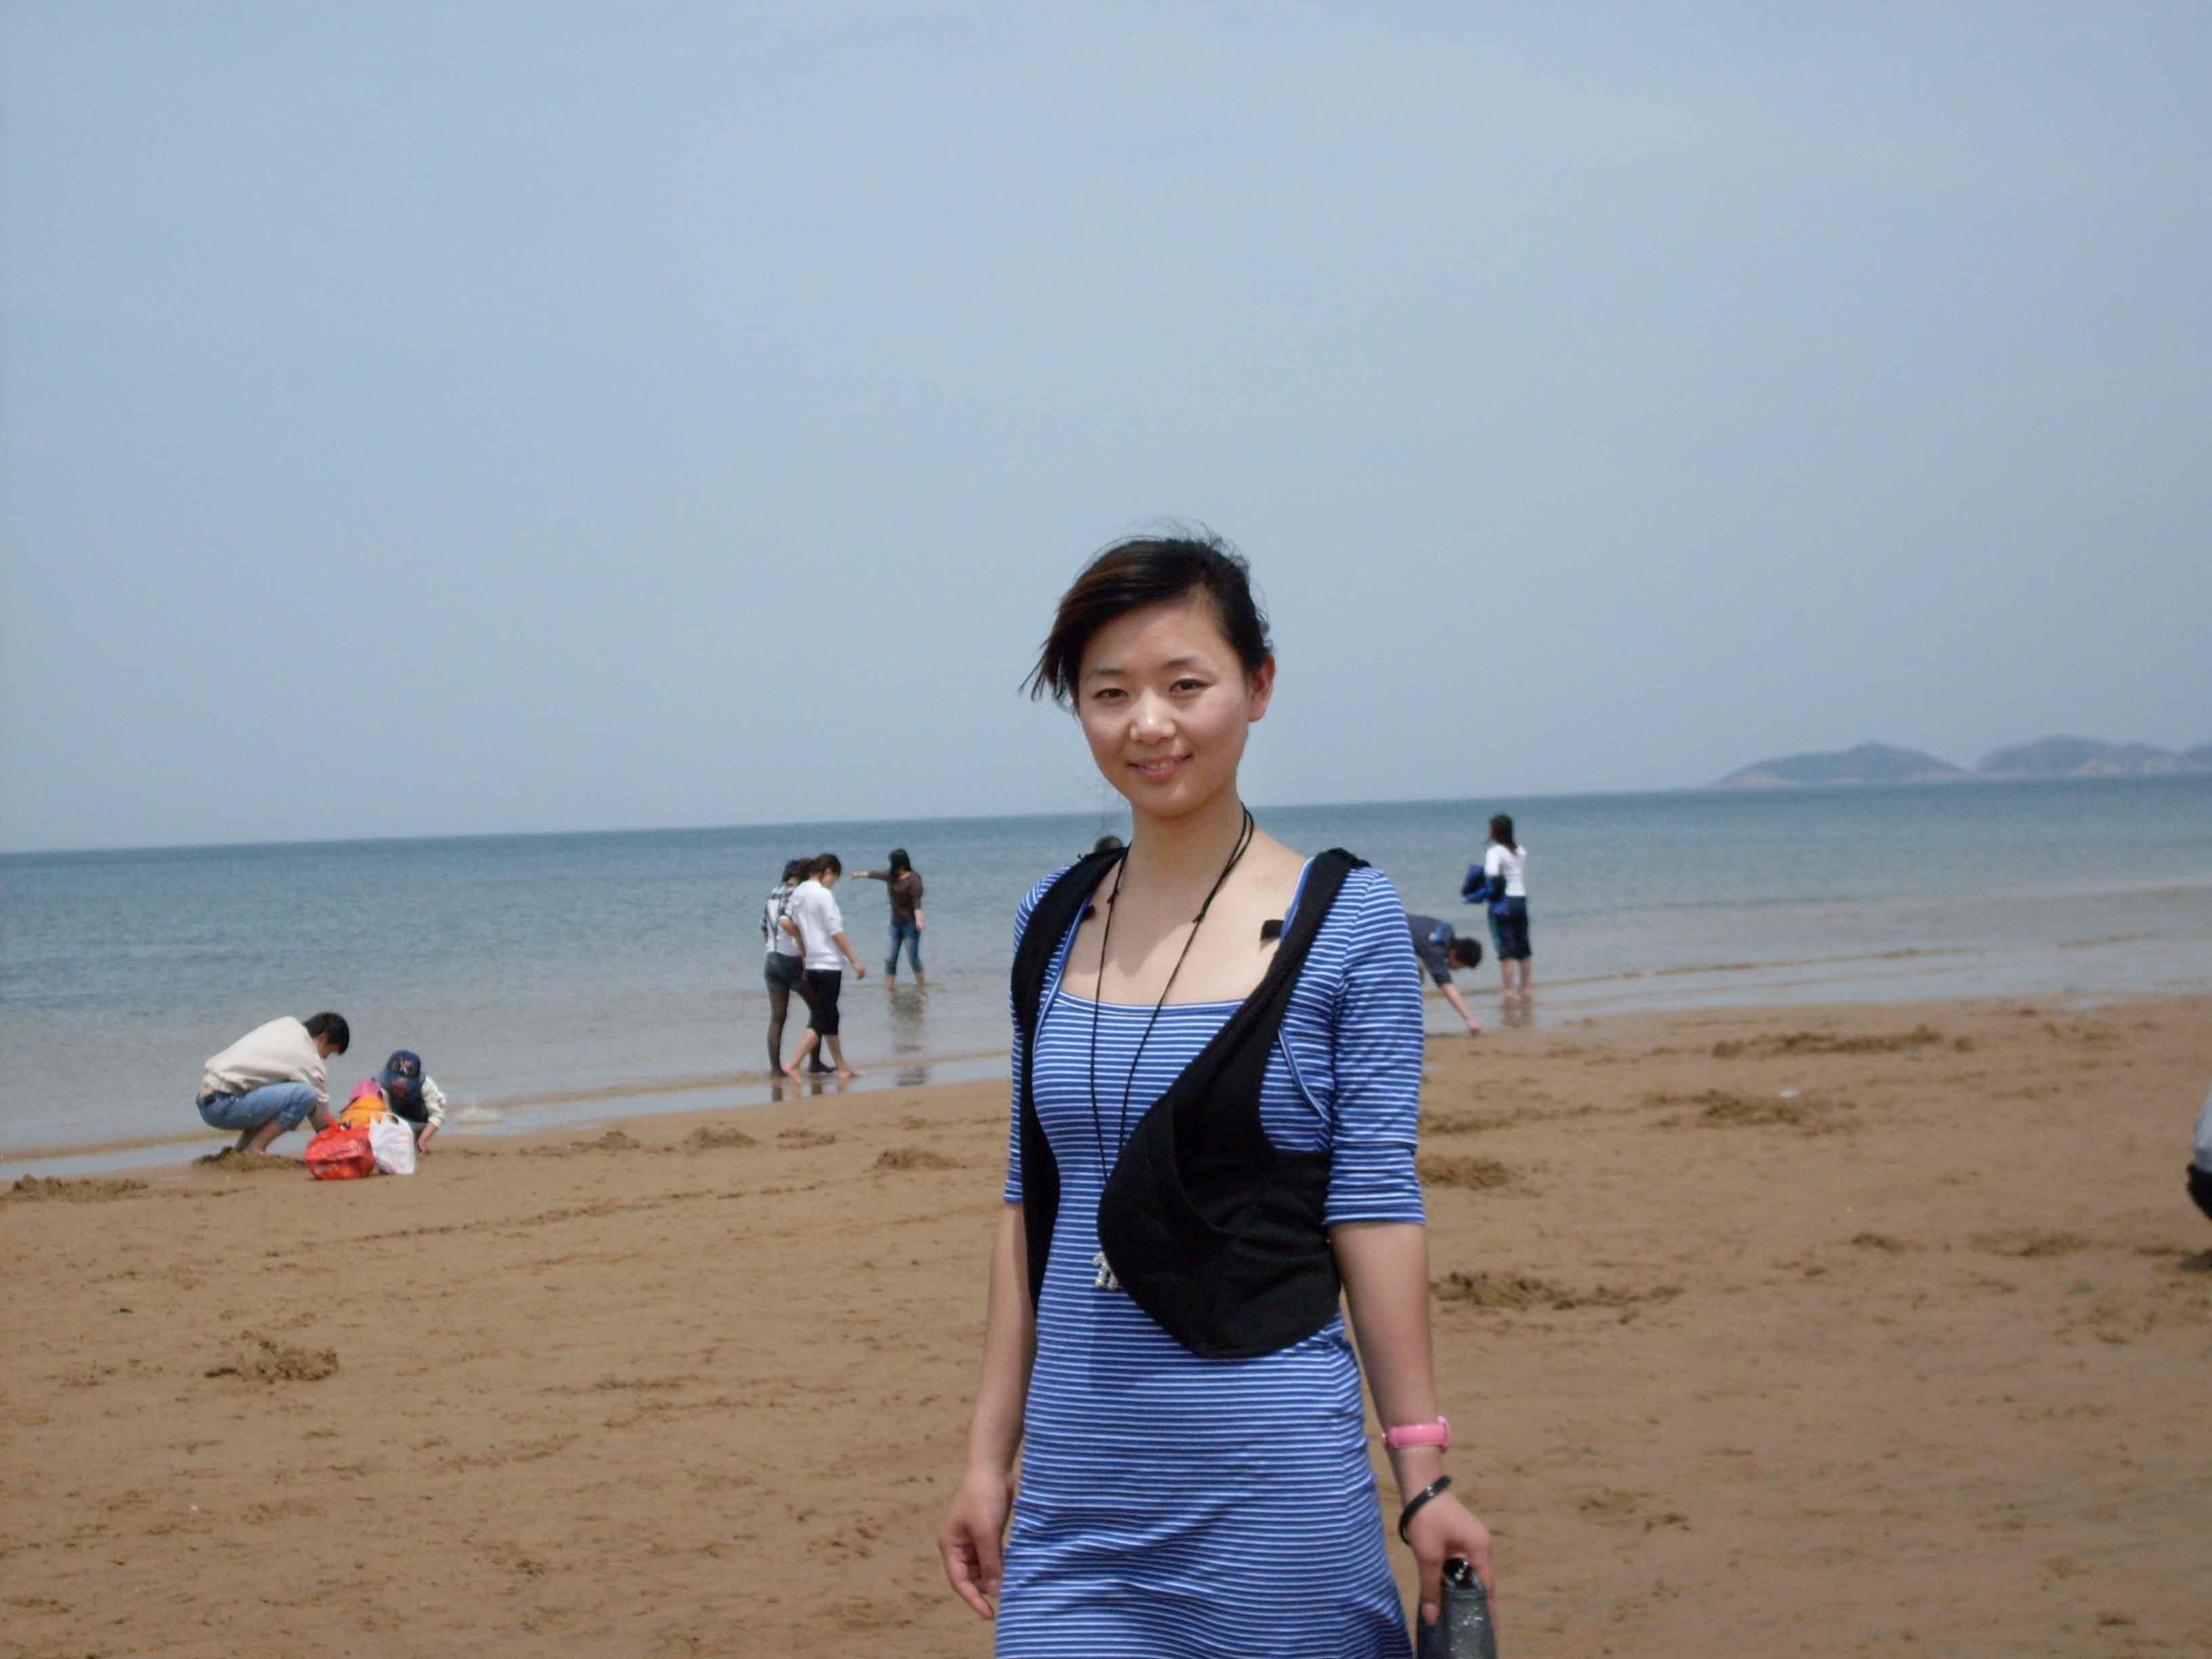 我的海边生活论坛图片